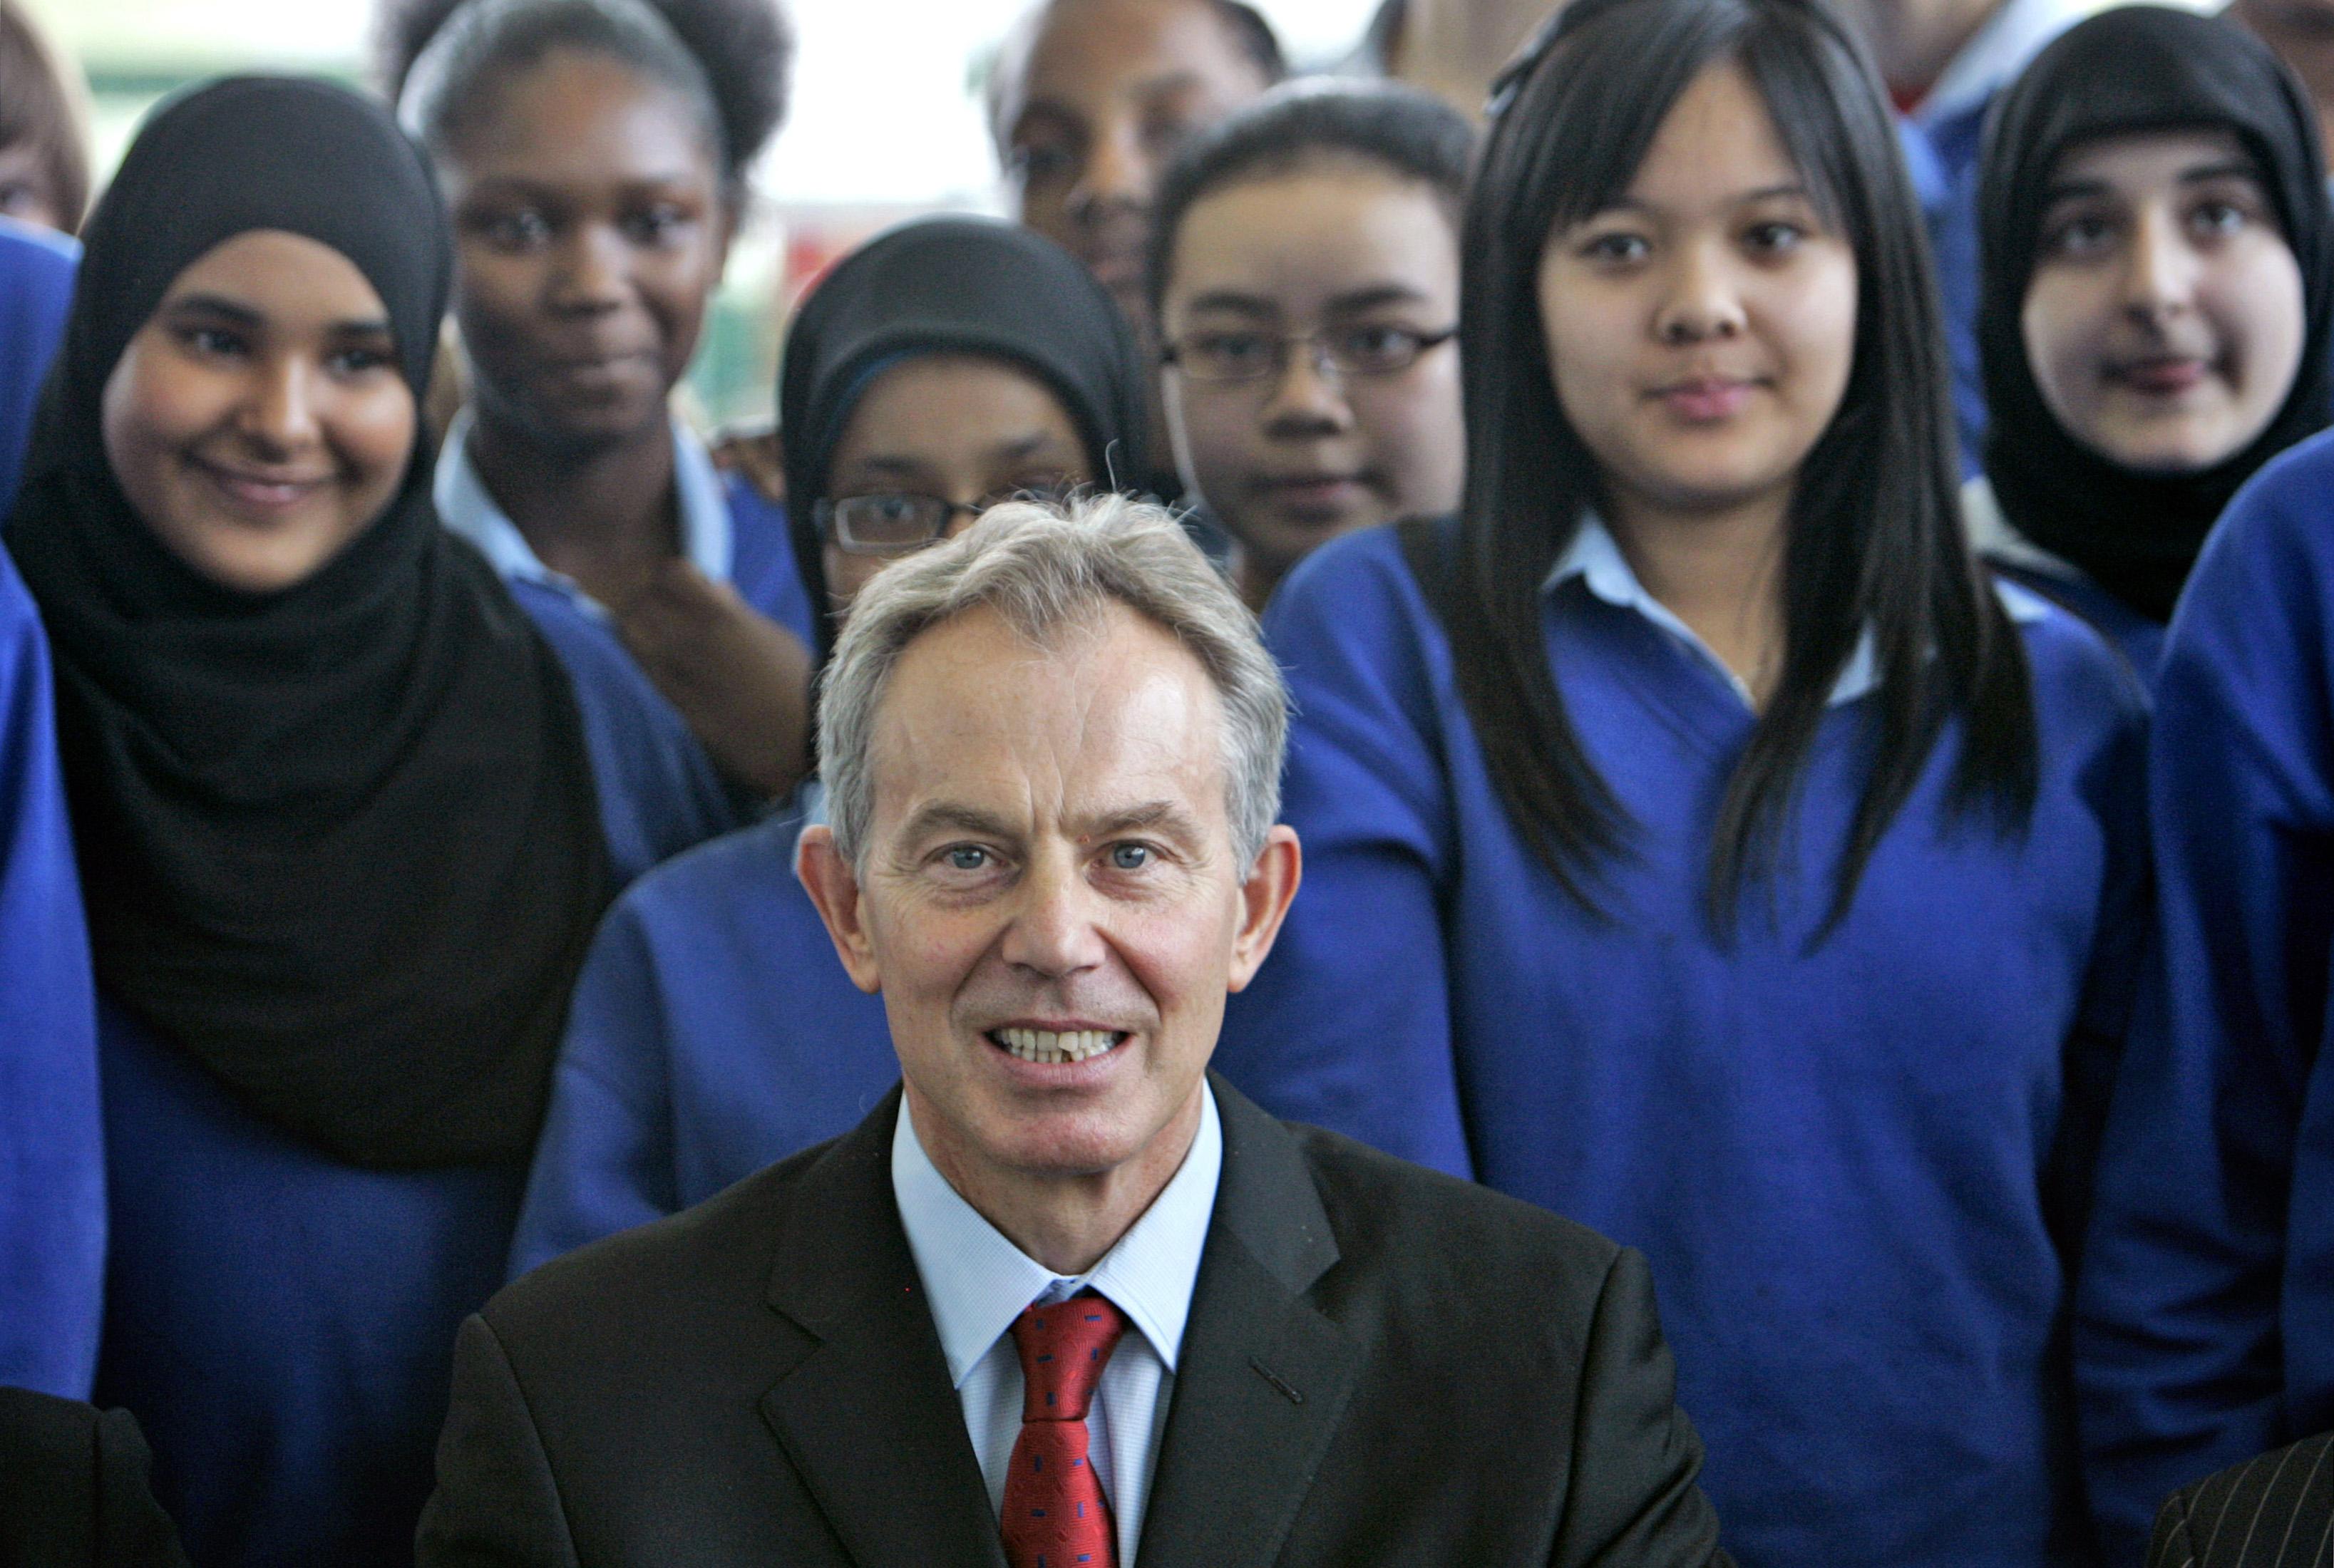 Forza Blair! L'Europa è troppo normale, serve un Presidente speciale.